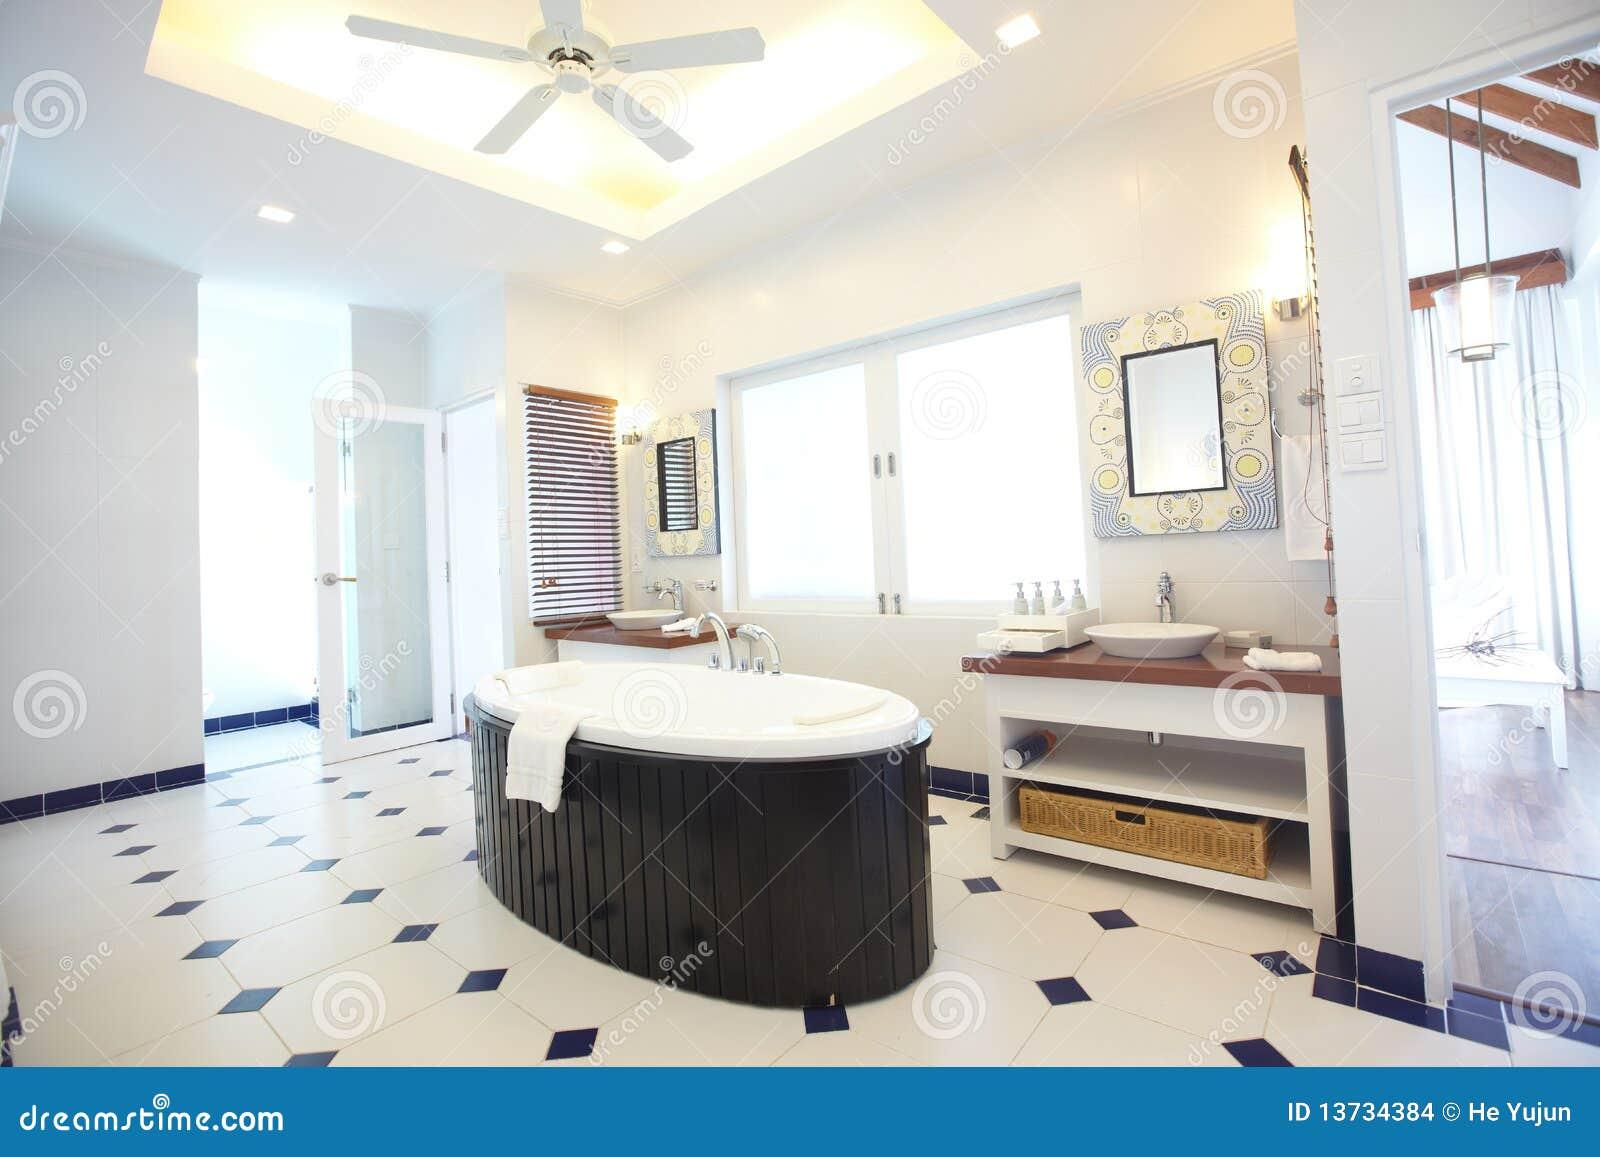 #81A229 Banheiro Luxuoso Imagens de Stock Imagem: 13734384 1300x957 px Banheiro Em Portugal 3225